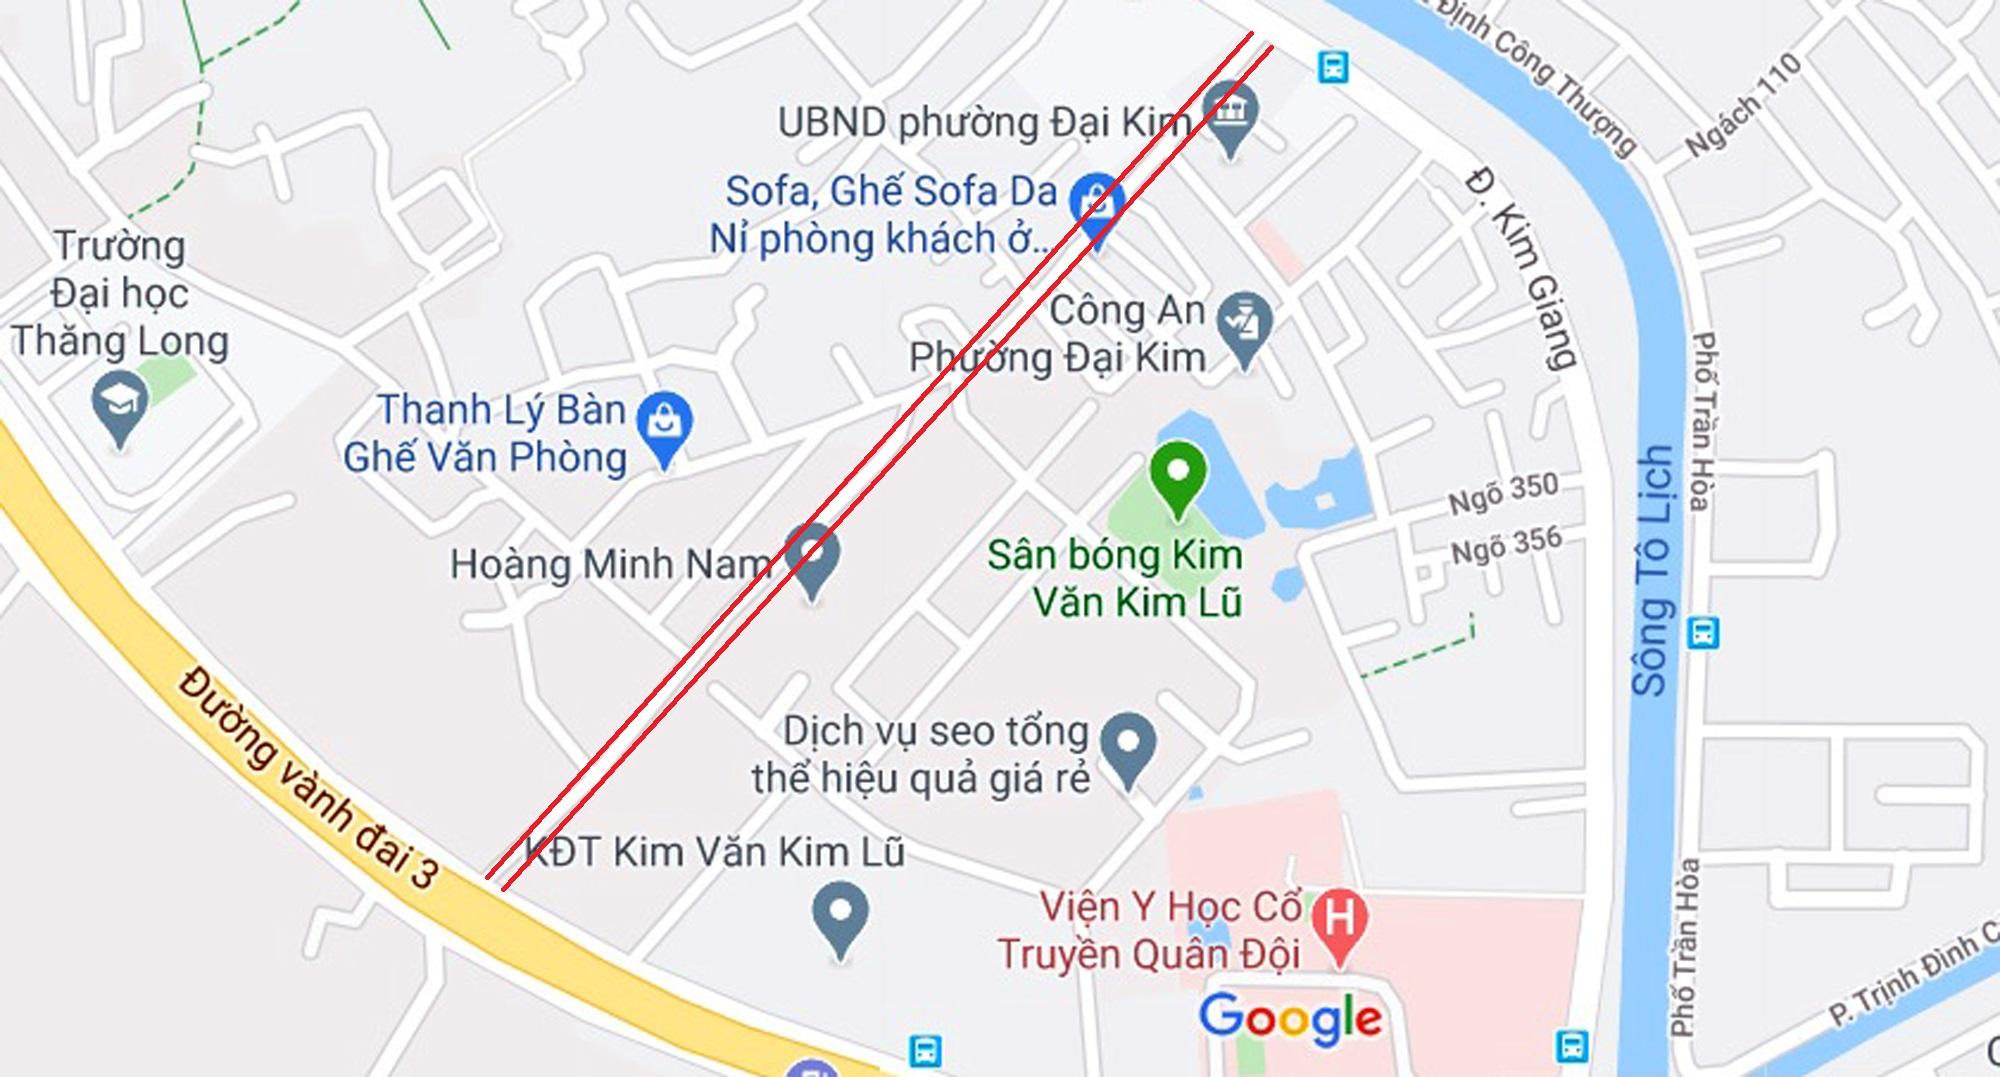 đường sẽ mở theo qui hoạch ở phường Đại Kim, Hoàng Mai, Hà Nội - Ảnh 2.